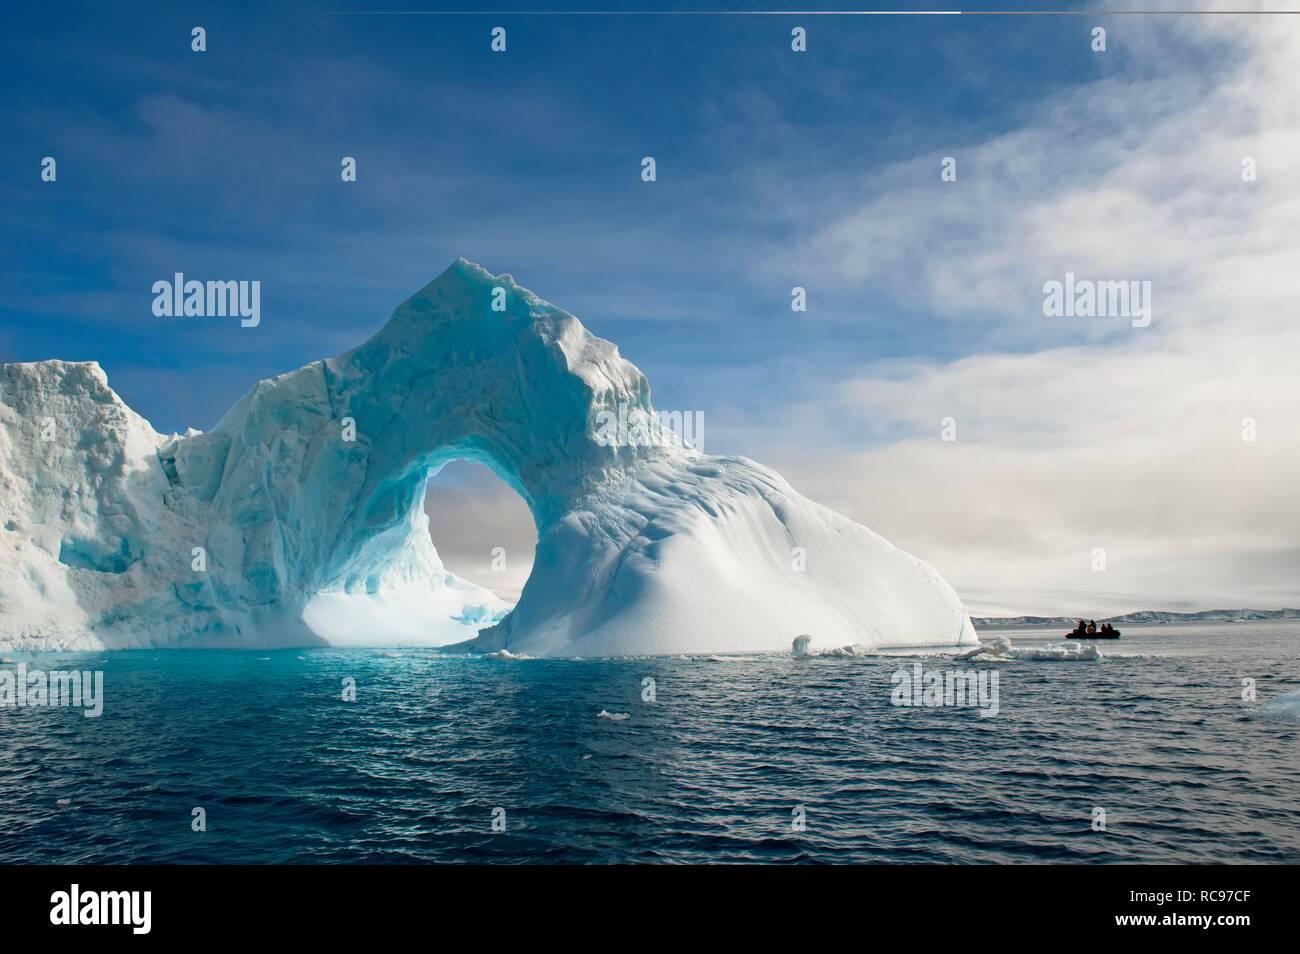 Natural Arch Carved in einem Eisberg, Antarktis, Sound, Antarktische Halbinsel, Antarktis Stockfoto